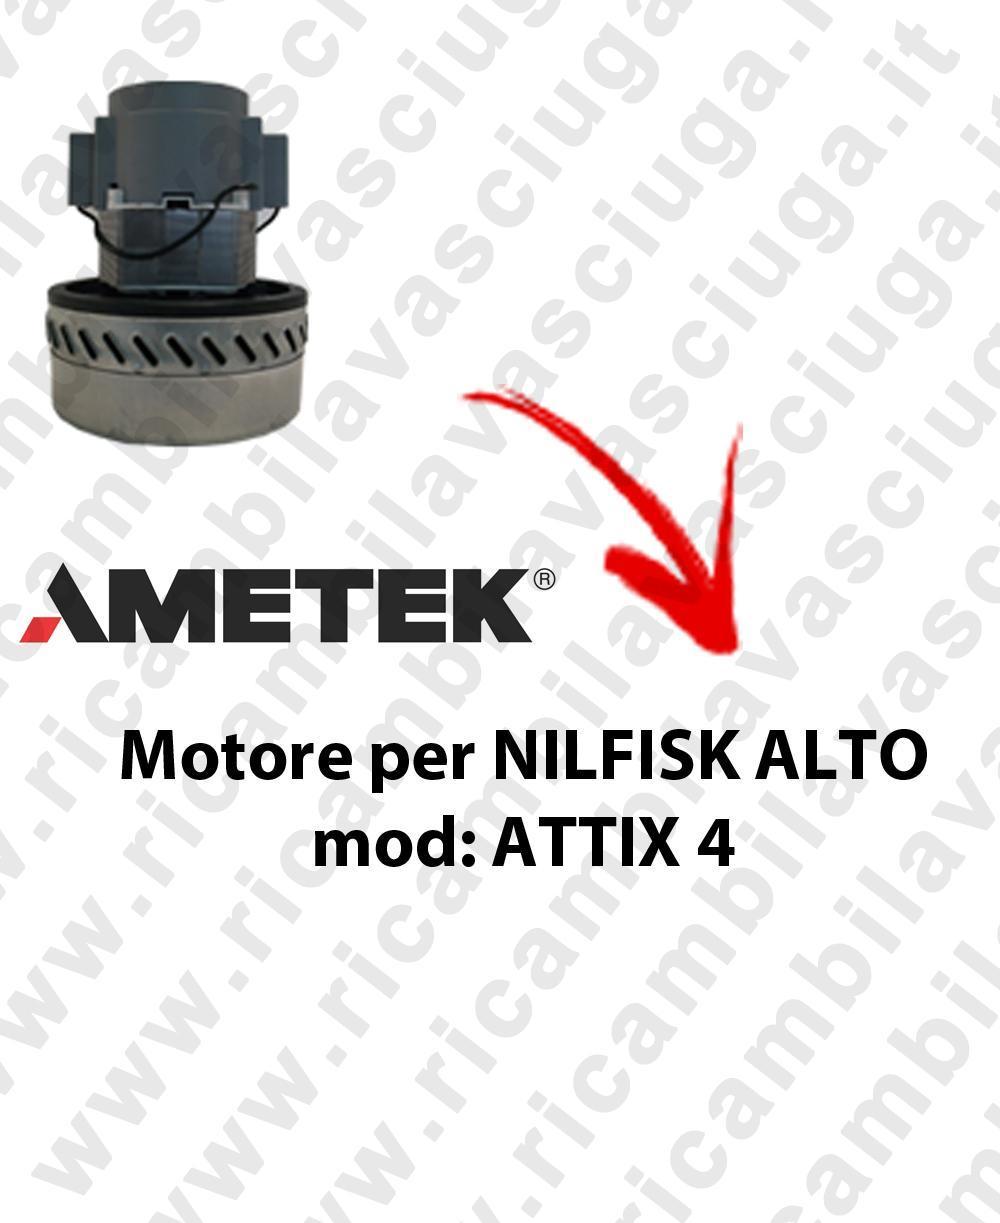 ATTIX 4 Saugmotor AMETEK  für Staubsauger NILFISK ALTO